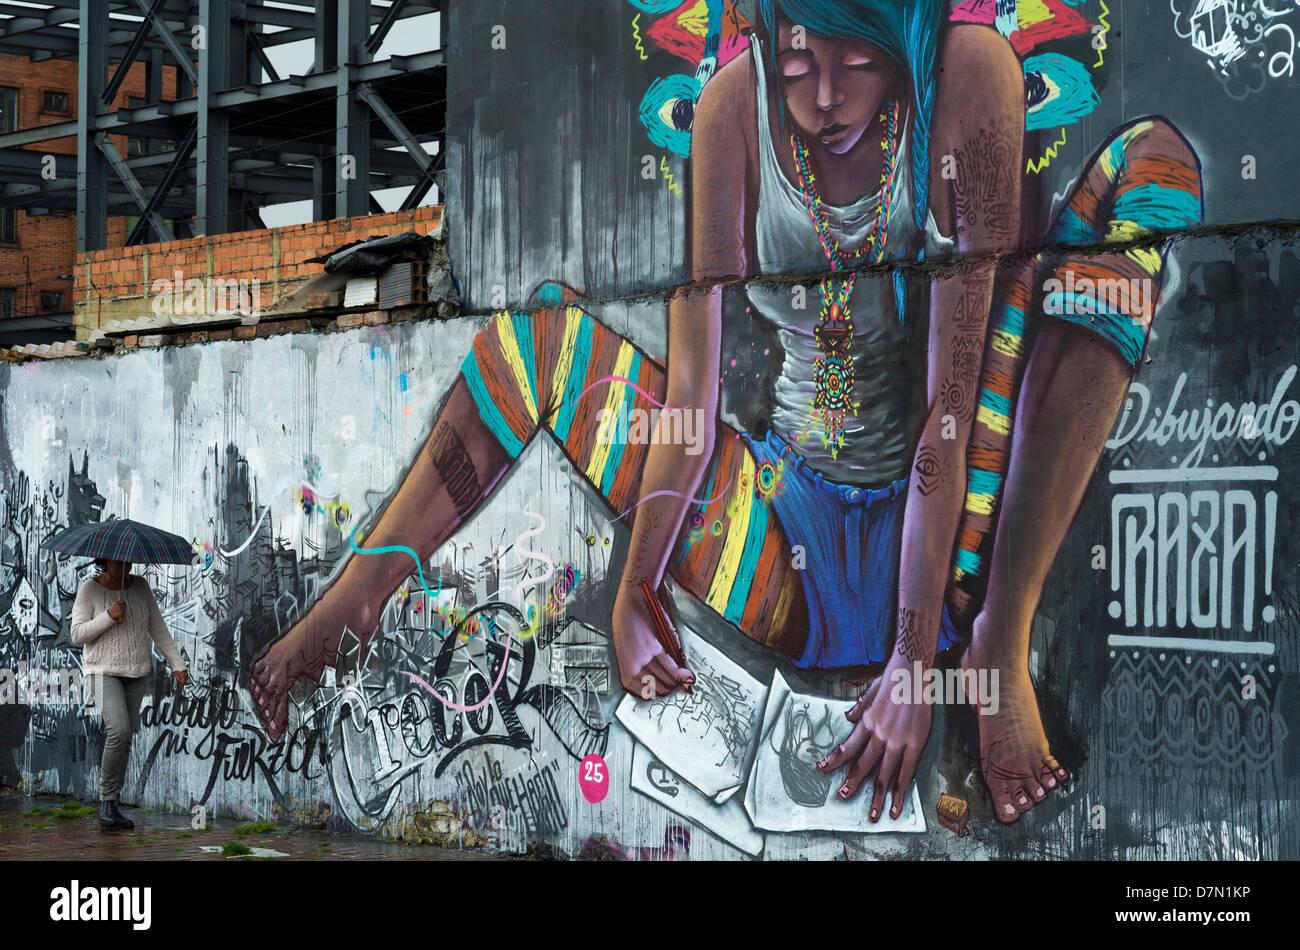 Graffiti (mural), in the street in Bogota, Colombia. - Stock Image